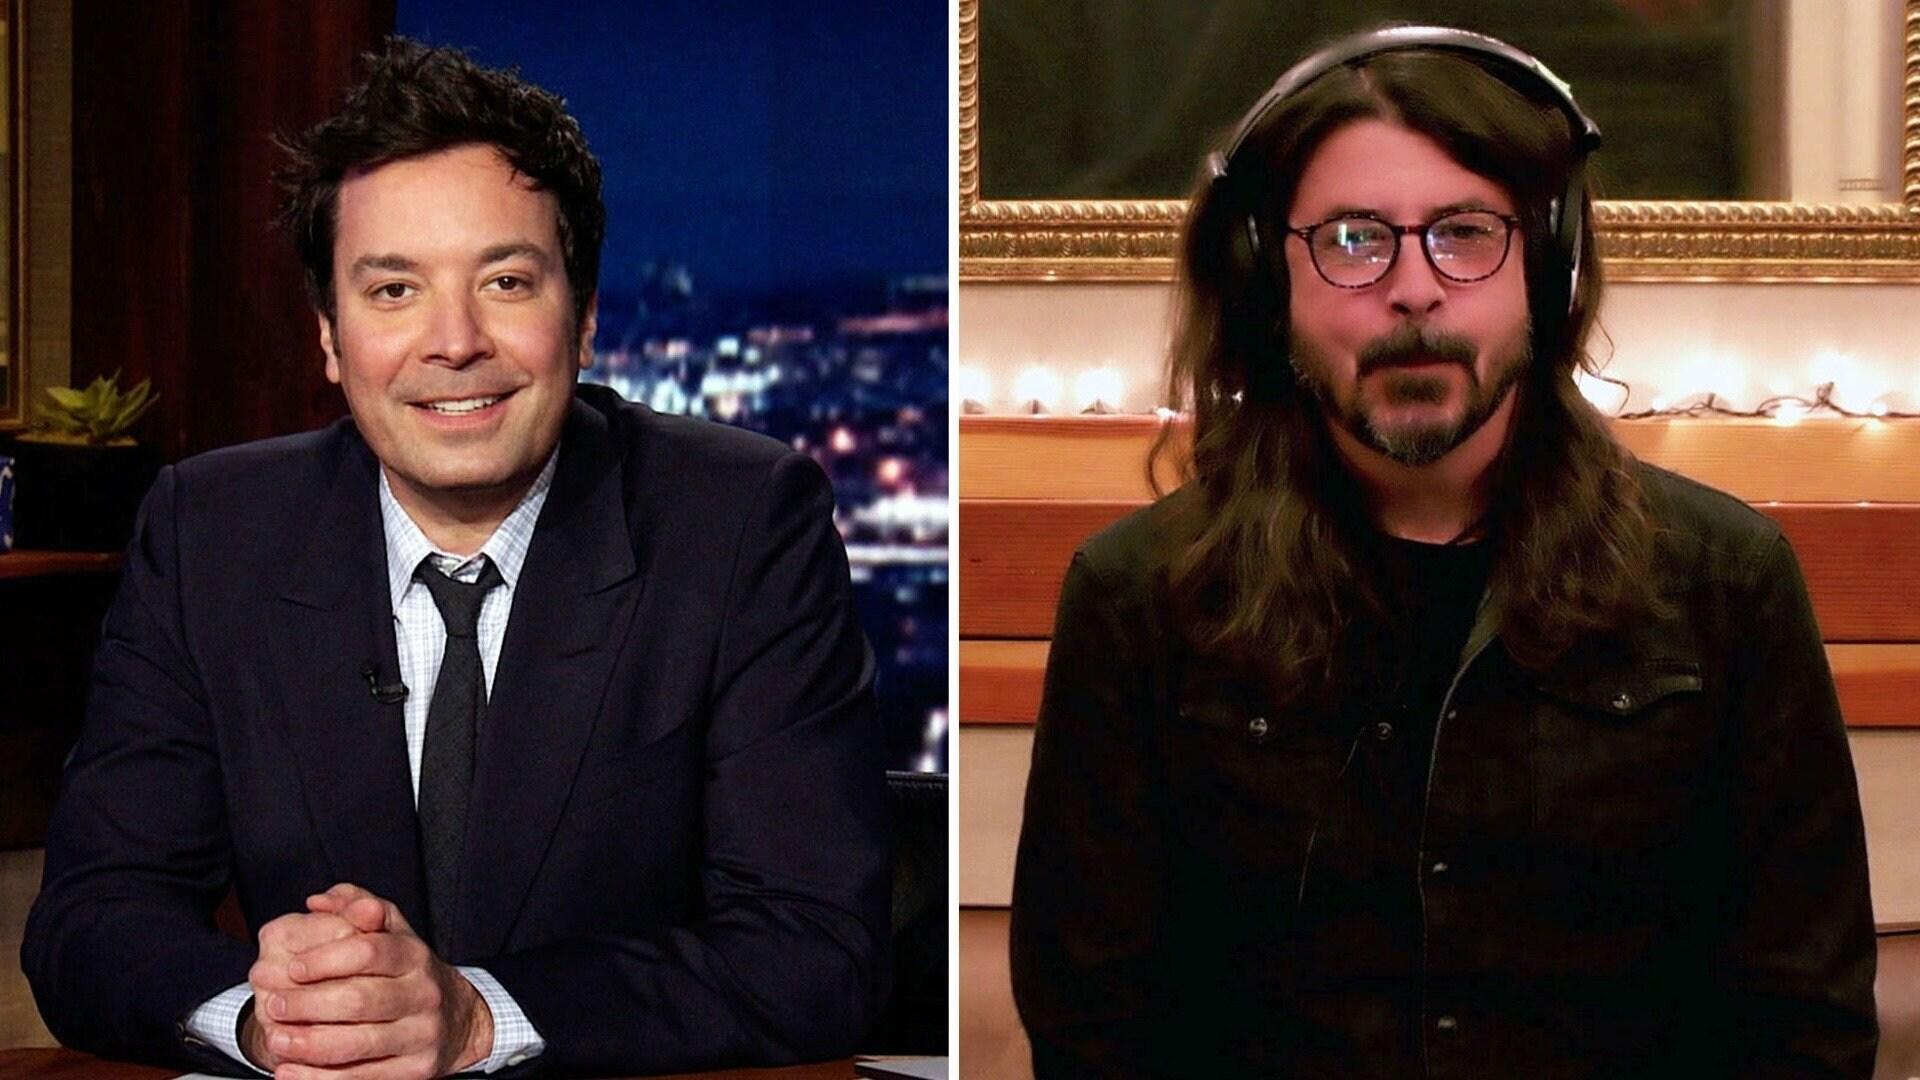 Dave Grohl; Joel Kinnaman; Foo Fighters